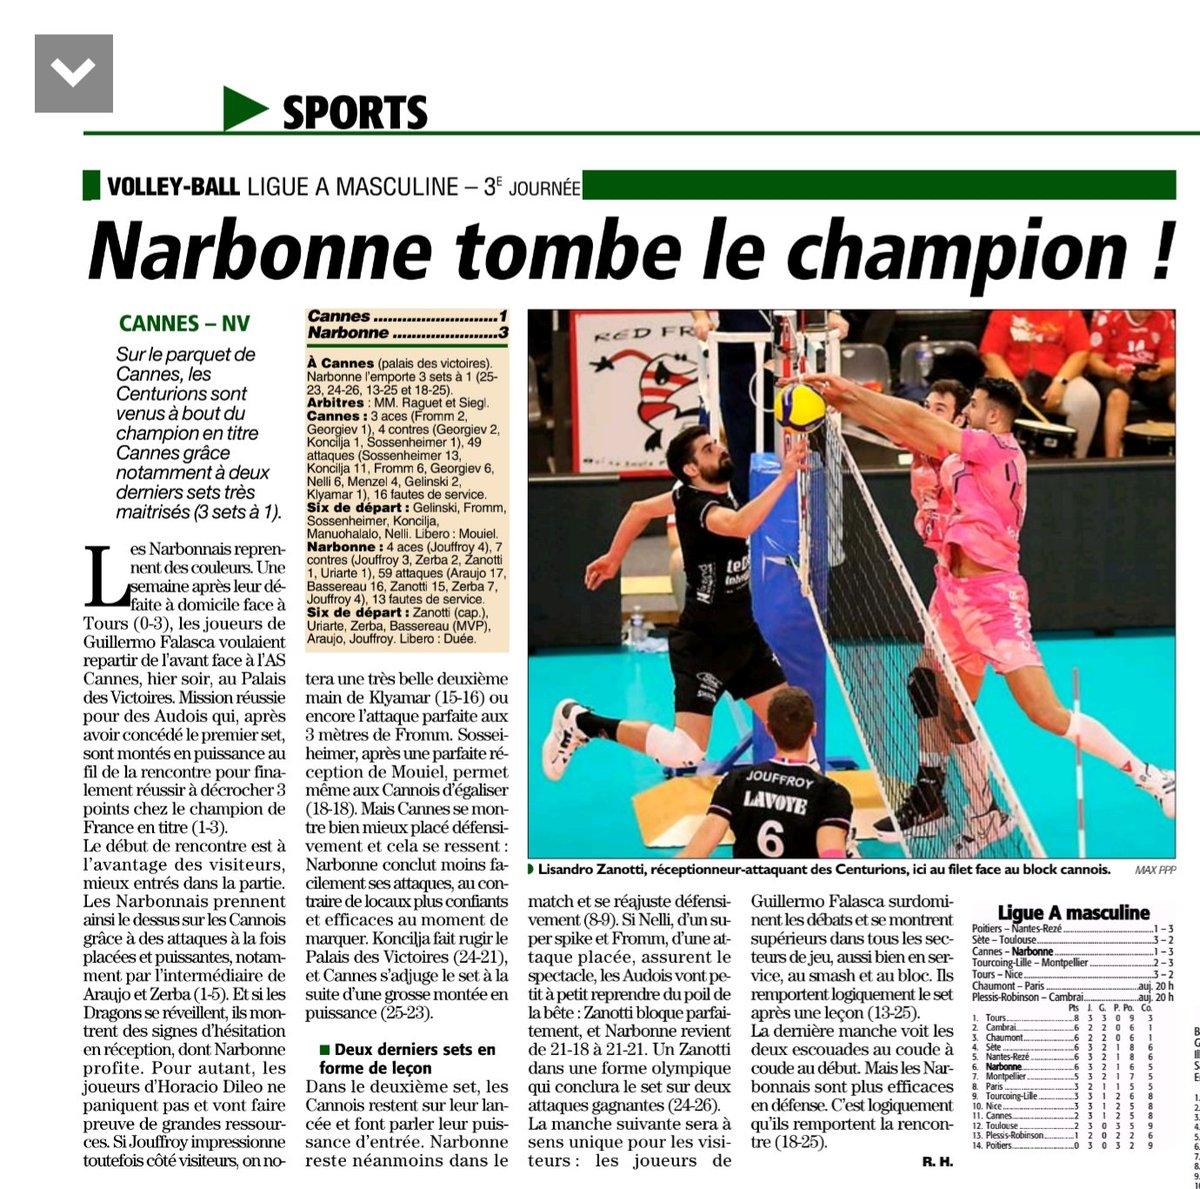 Dans cette 3ème journée du championnat de France de Volley-ball les Centurions...